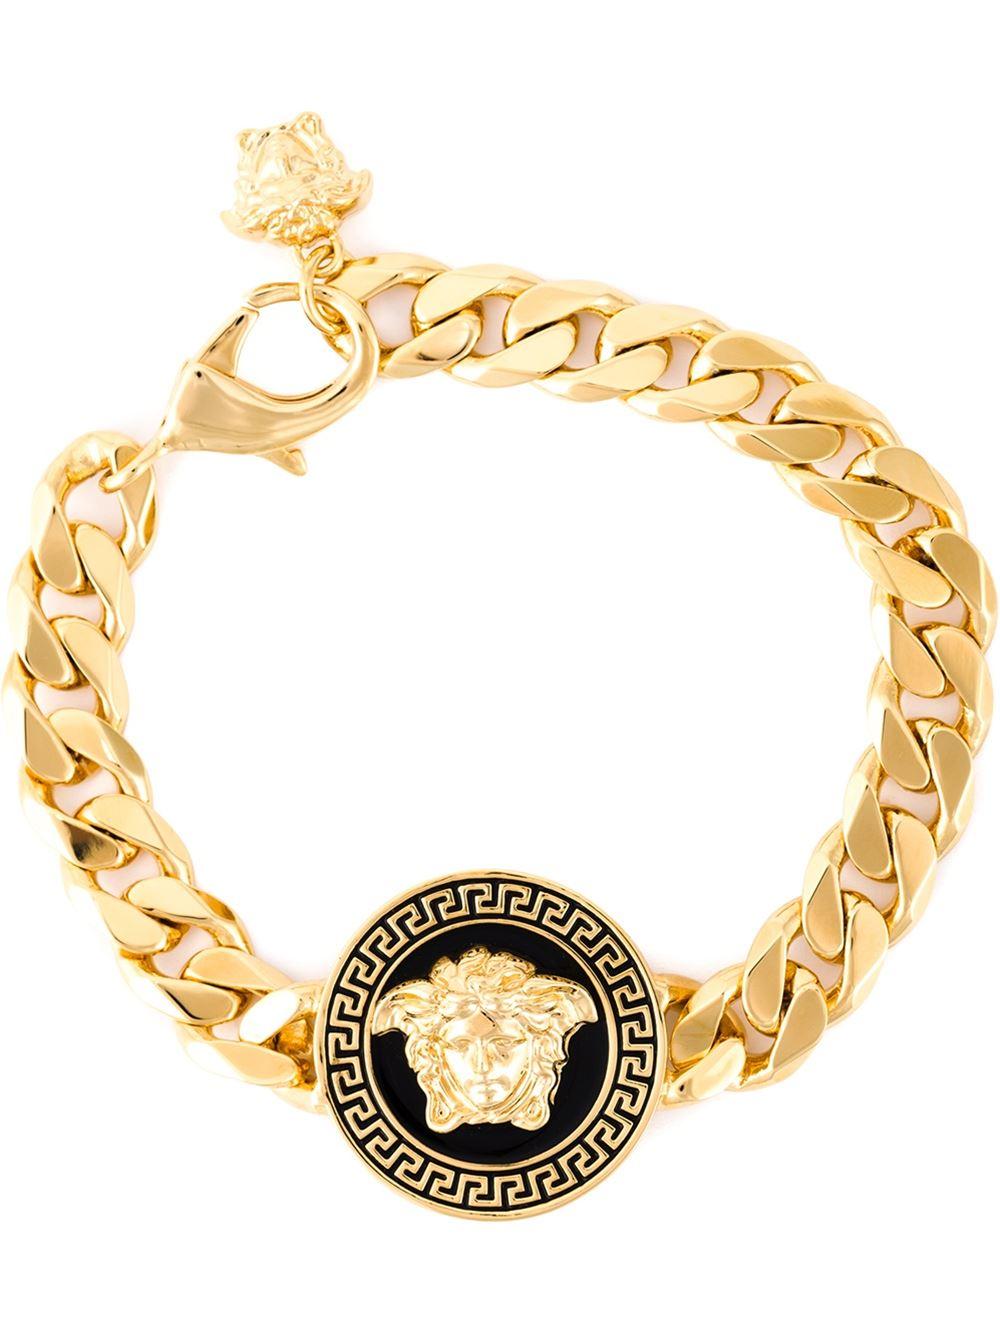 Acheter collier versace homme pas cher 6061d711350